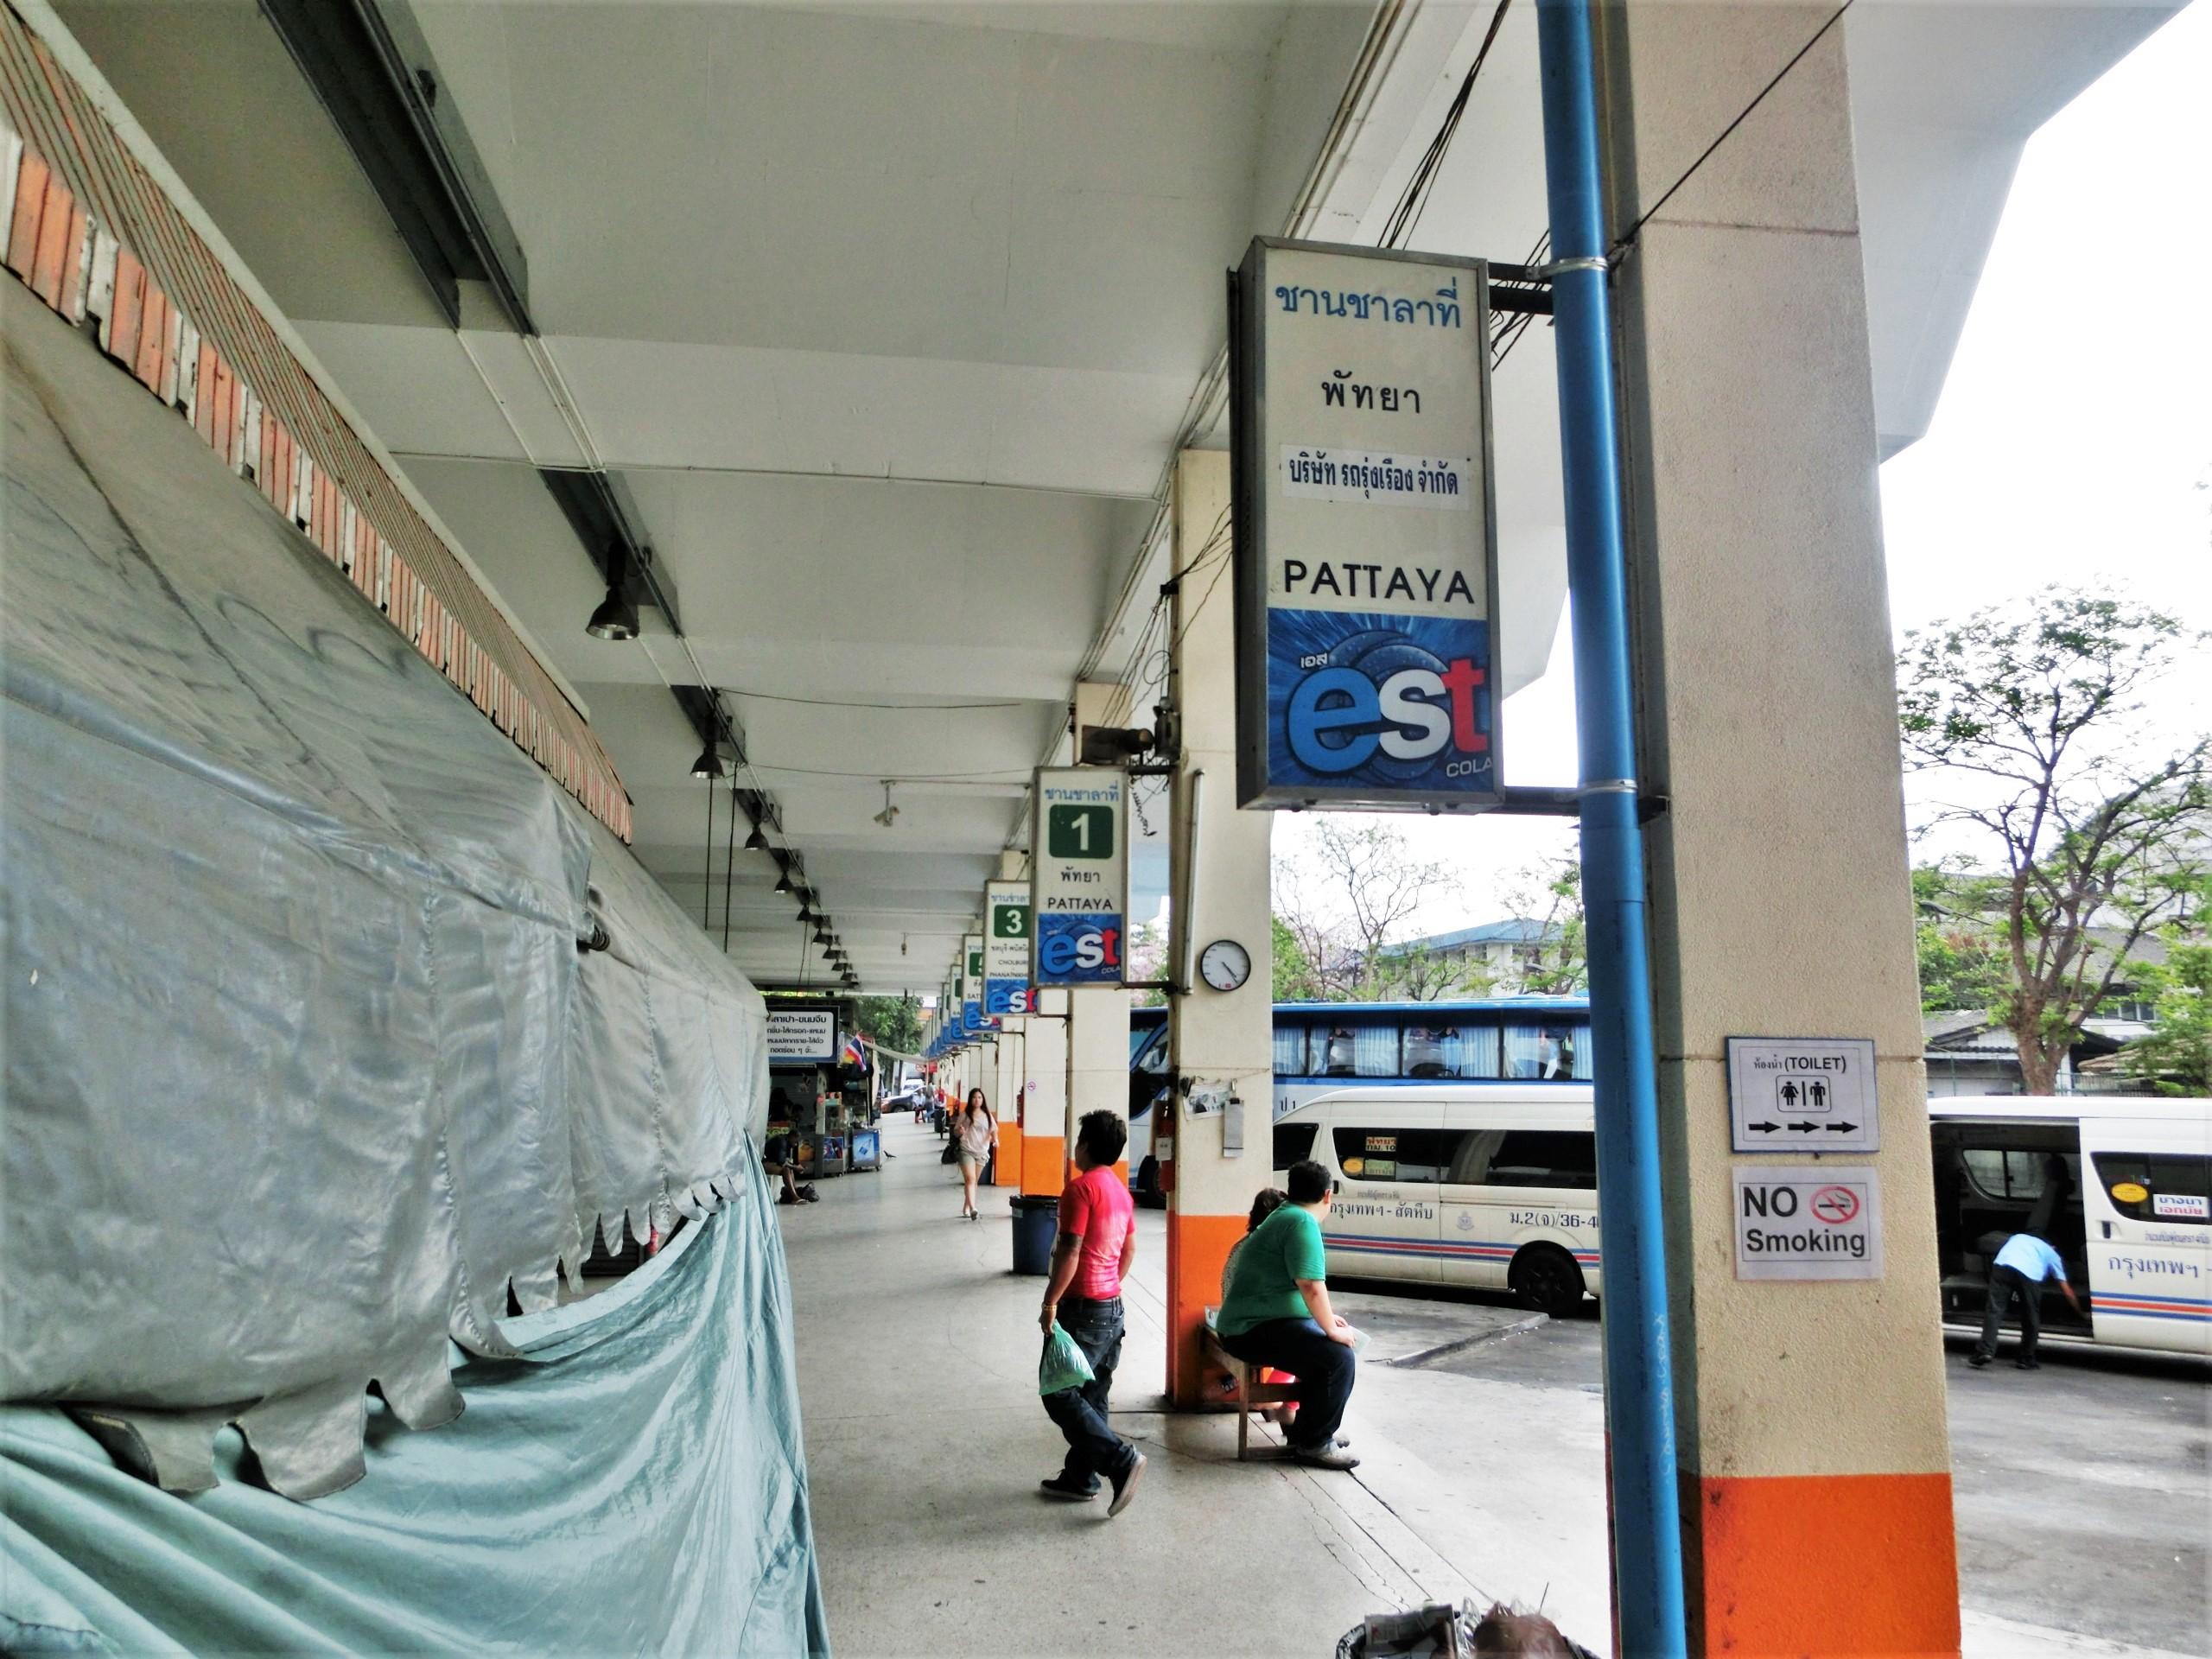 エカマイバスターミナルのバス停